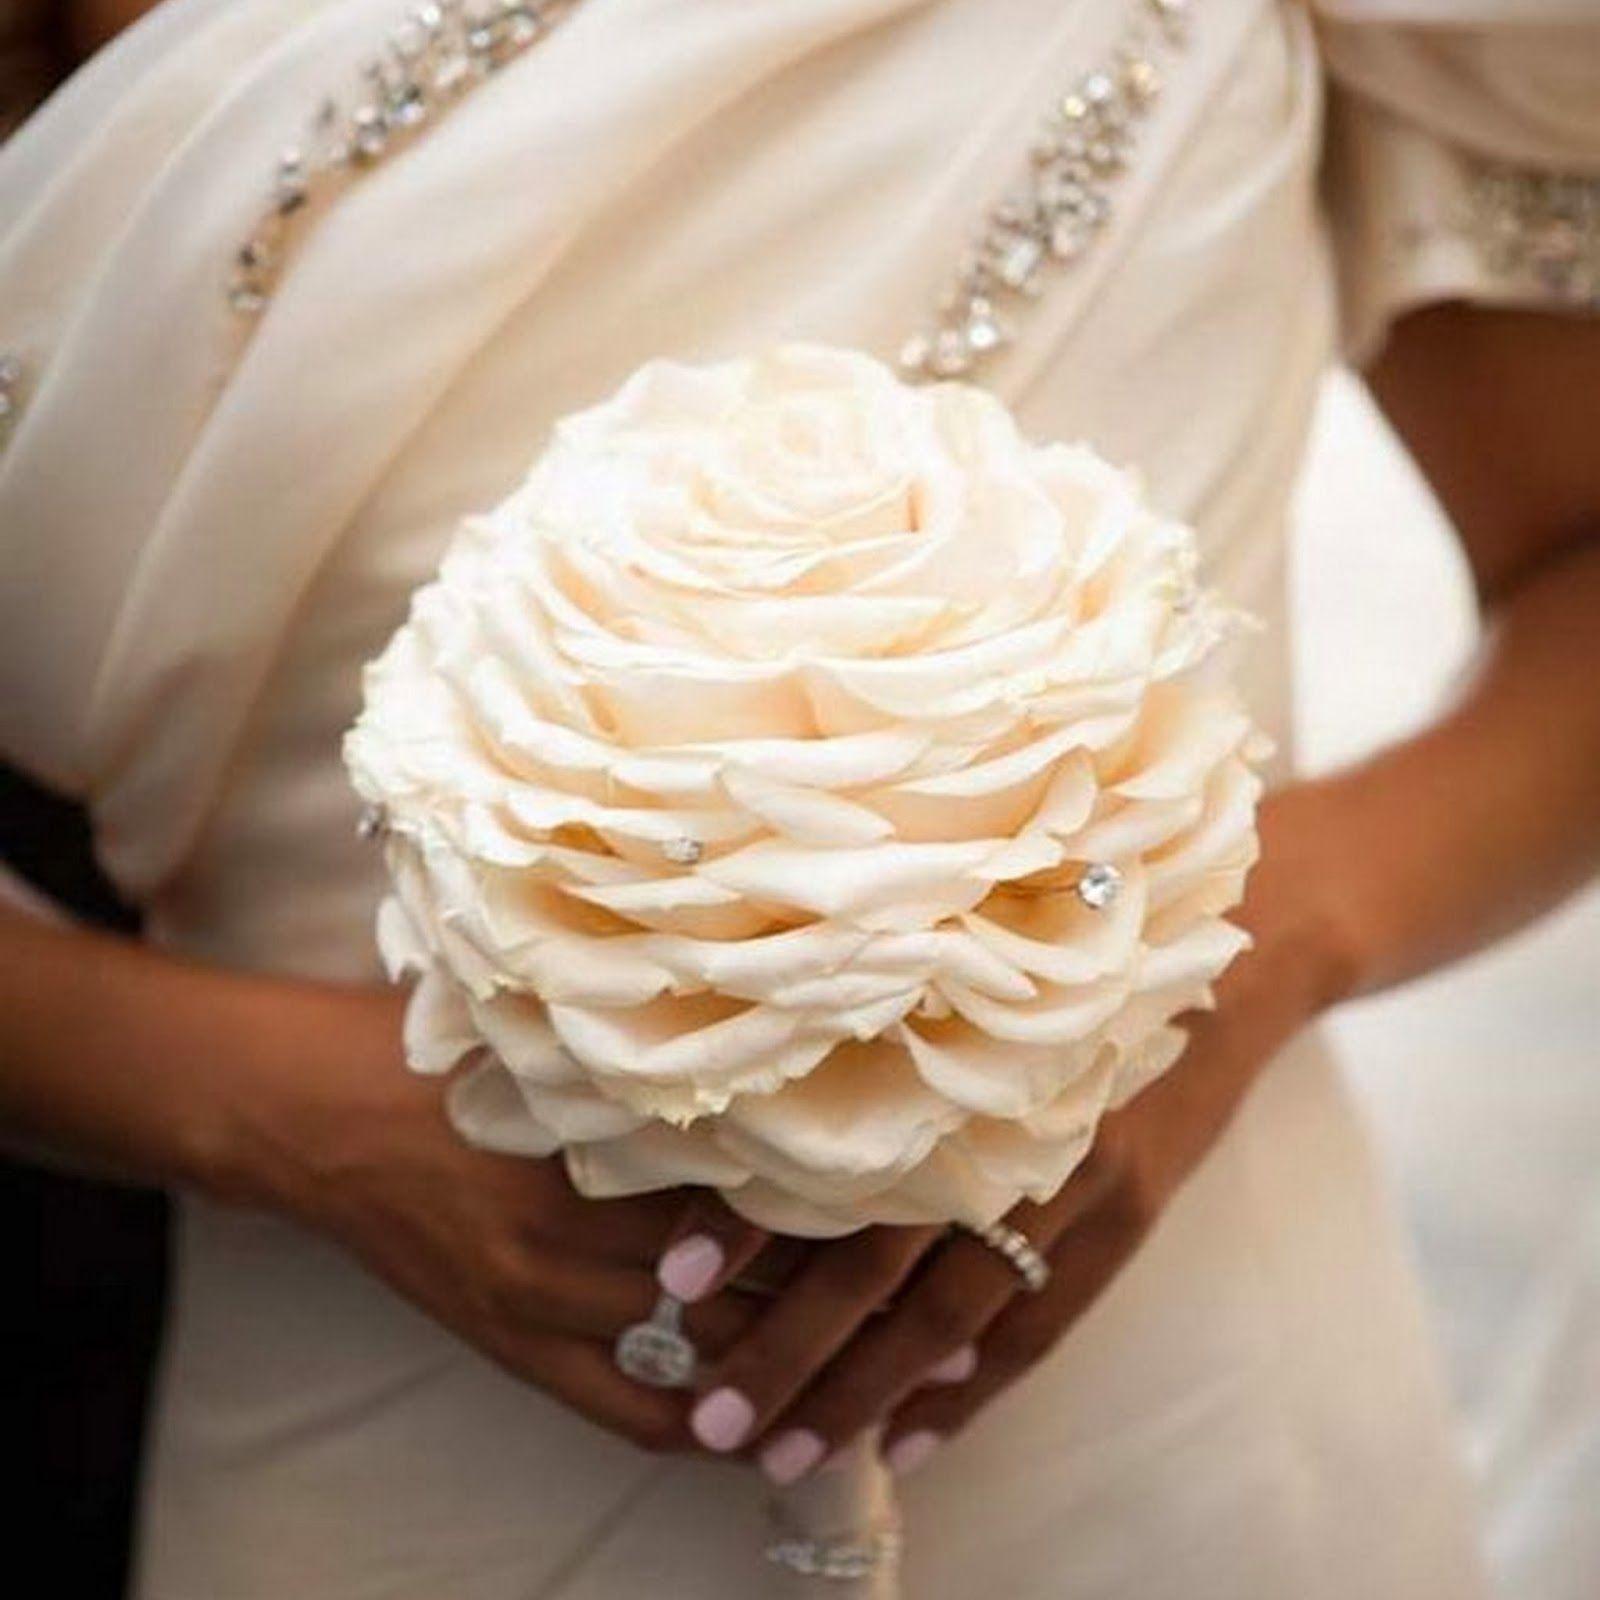 The Good Life | a wedding blog by Angela Bartolomeo: Bouquet da sposa: come scegliere il colore,la forma e lo stile